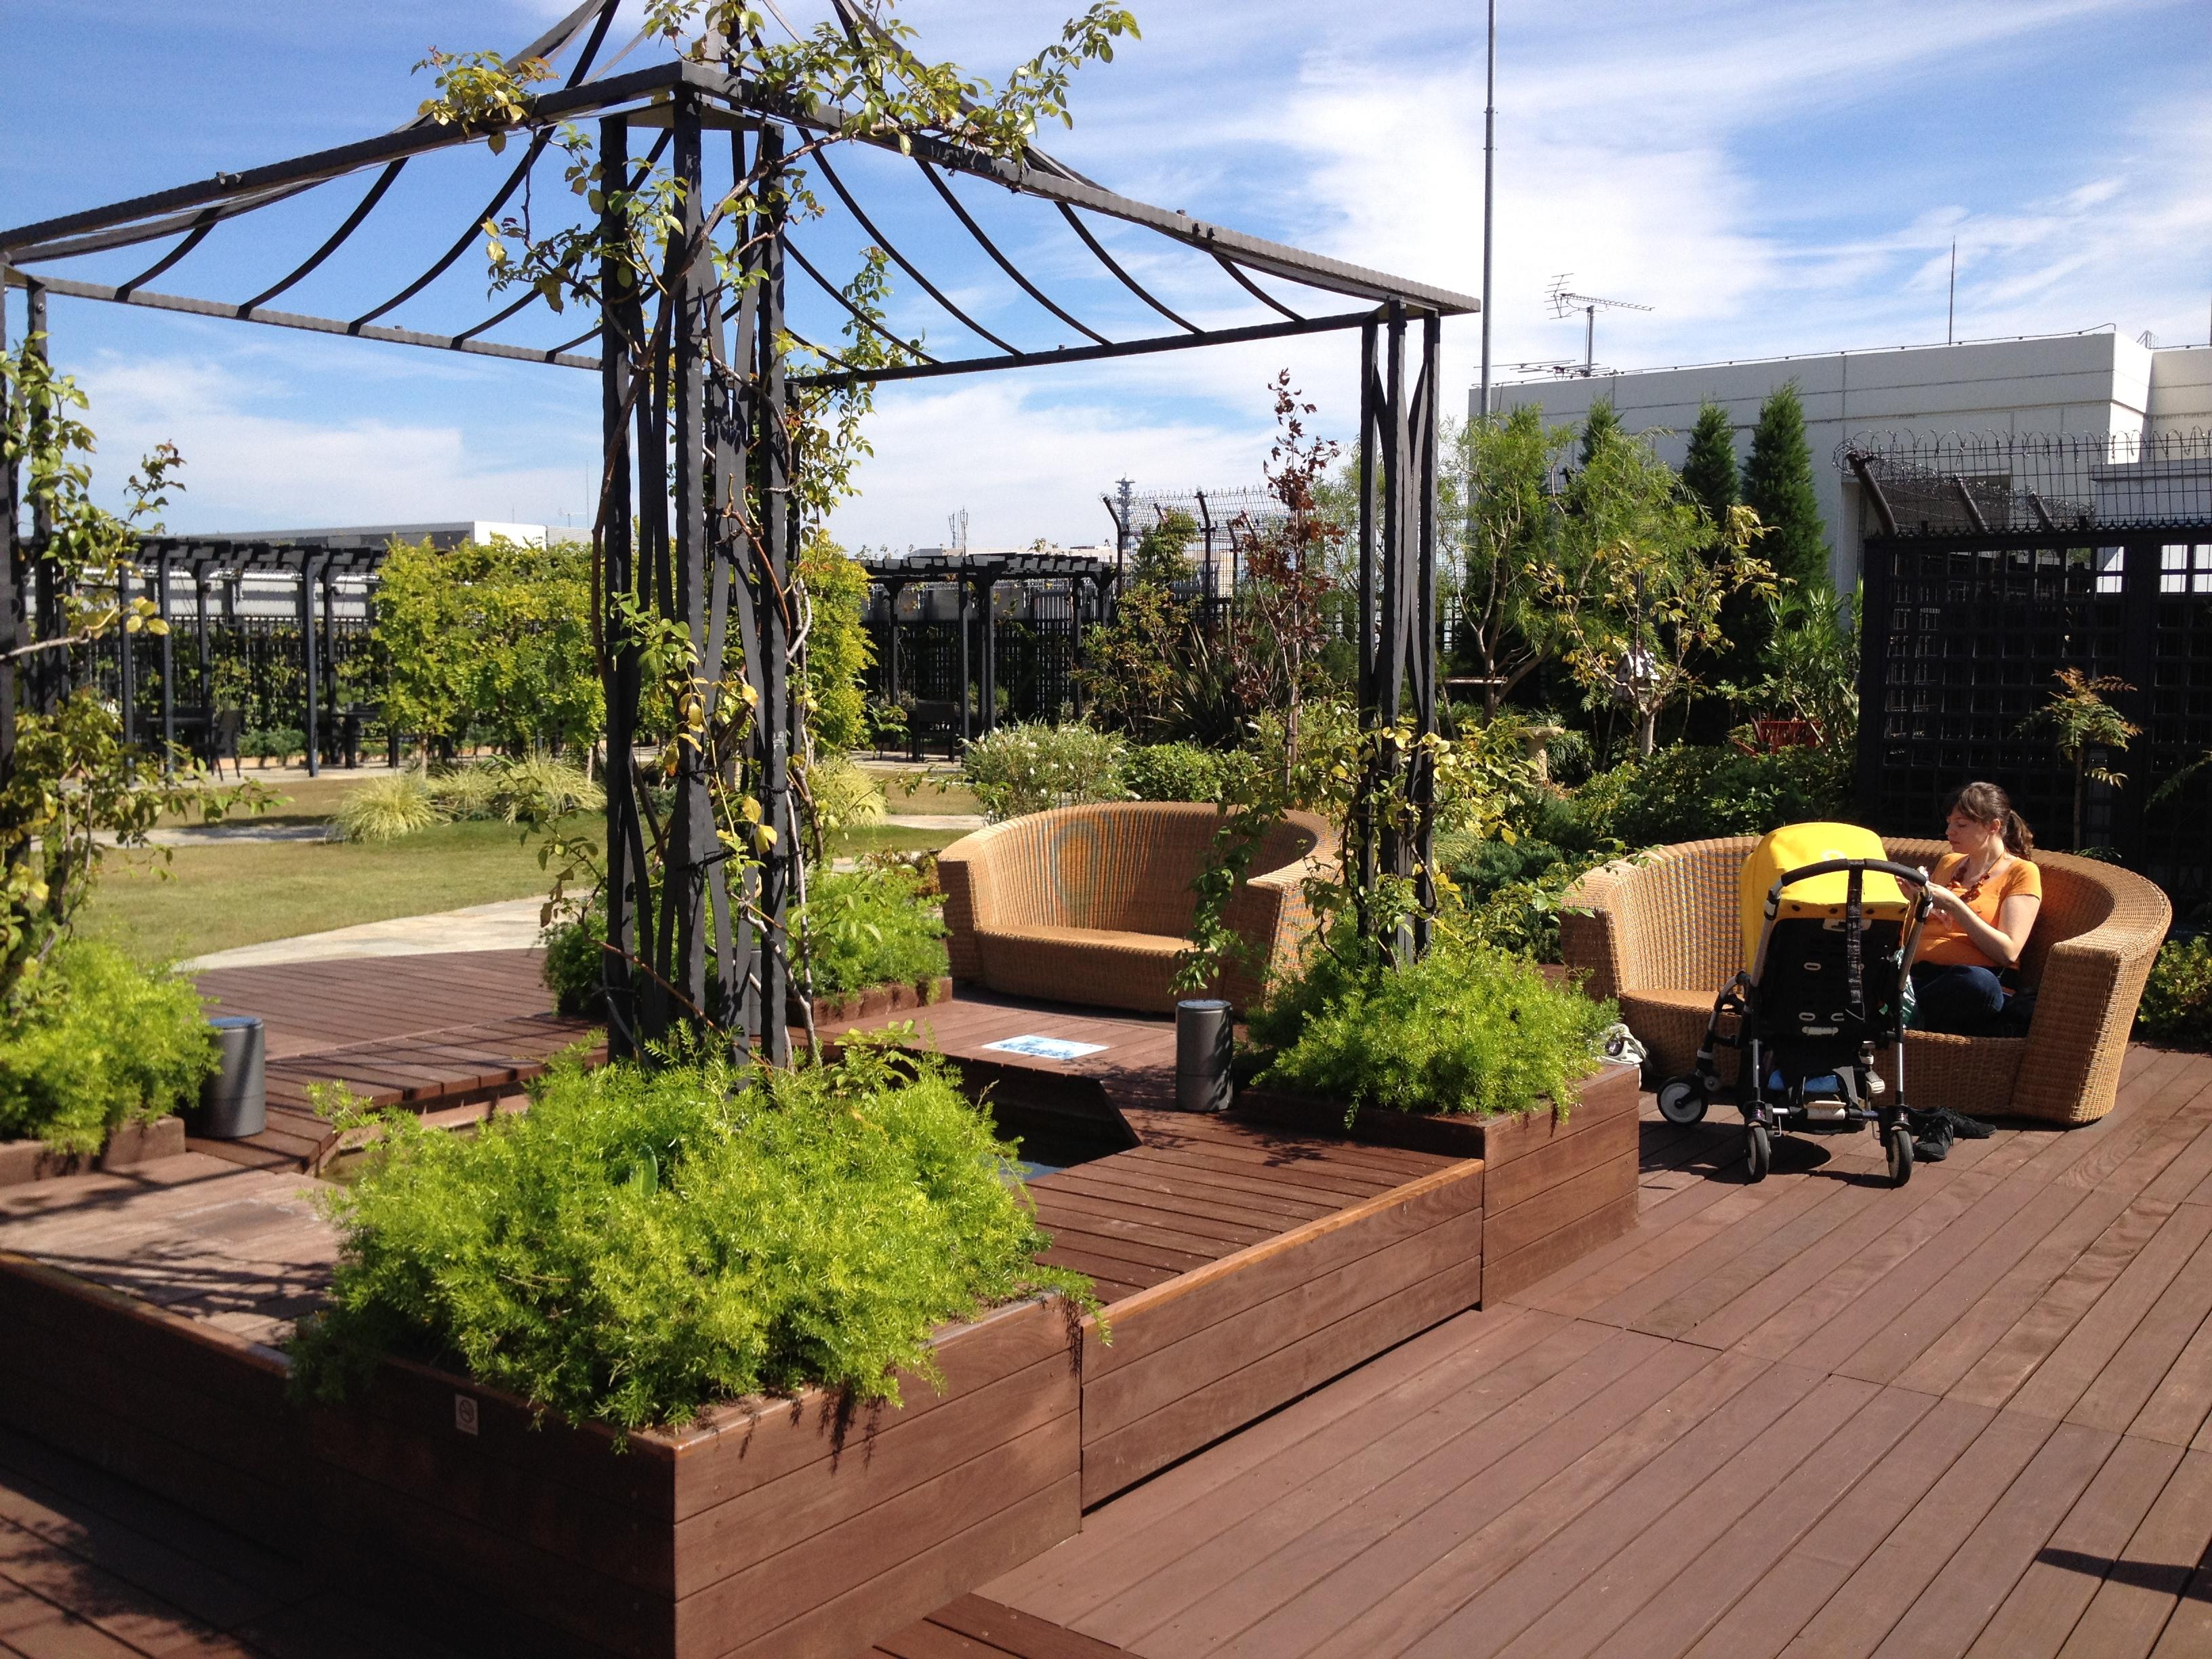 roof garden design impressive rooftop gardening ideas ideas for you with roof gardening ideas PIVHSPM